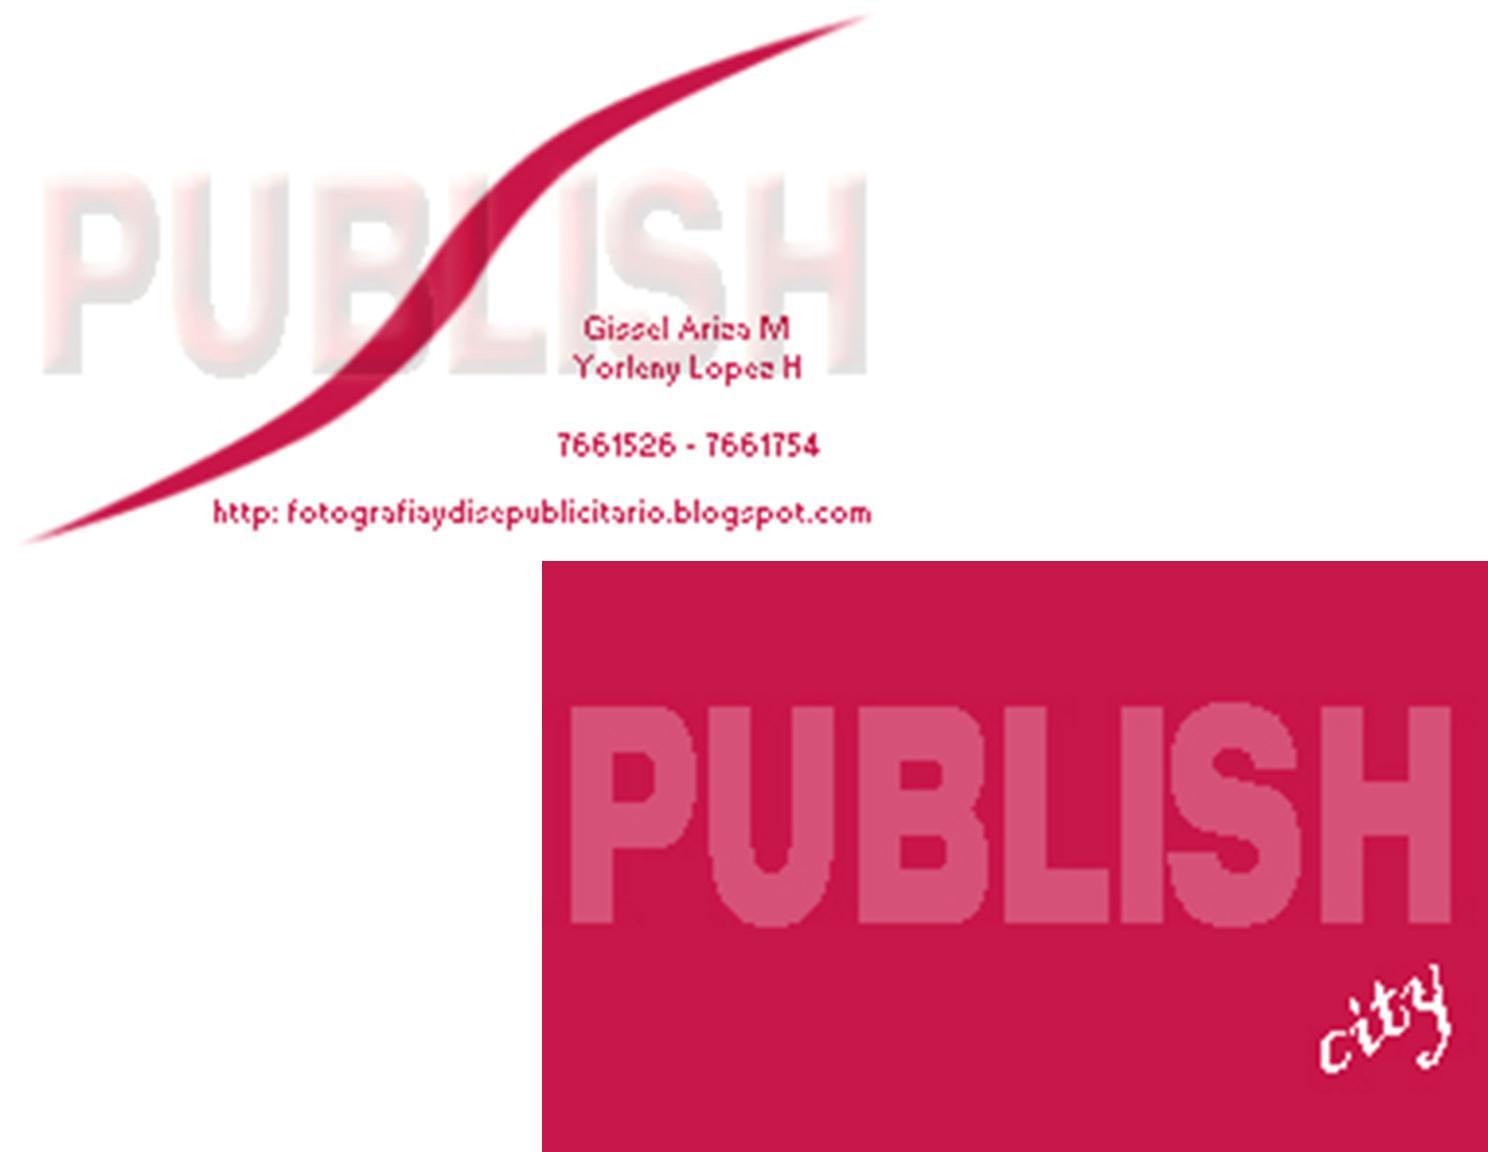 Fotografia y dise o publicitario tarjeta presentacion for Diseno publicitario